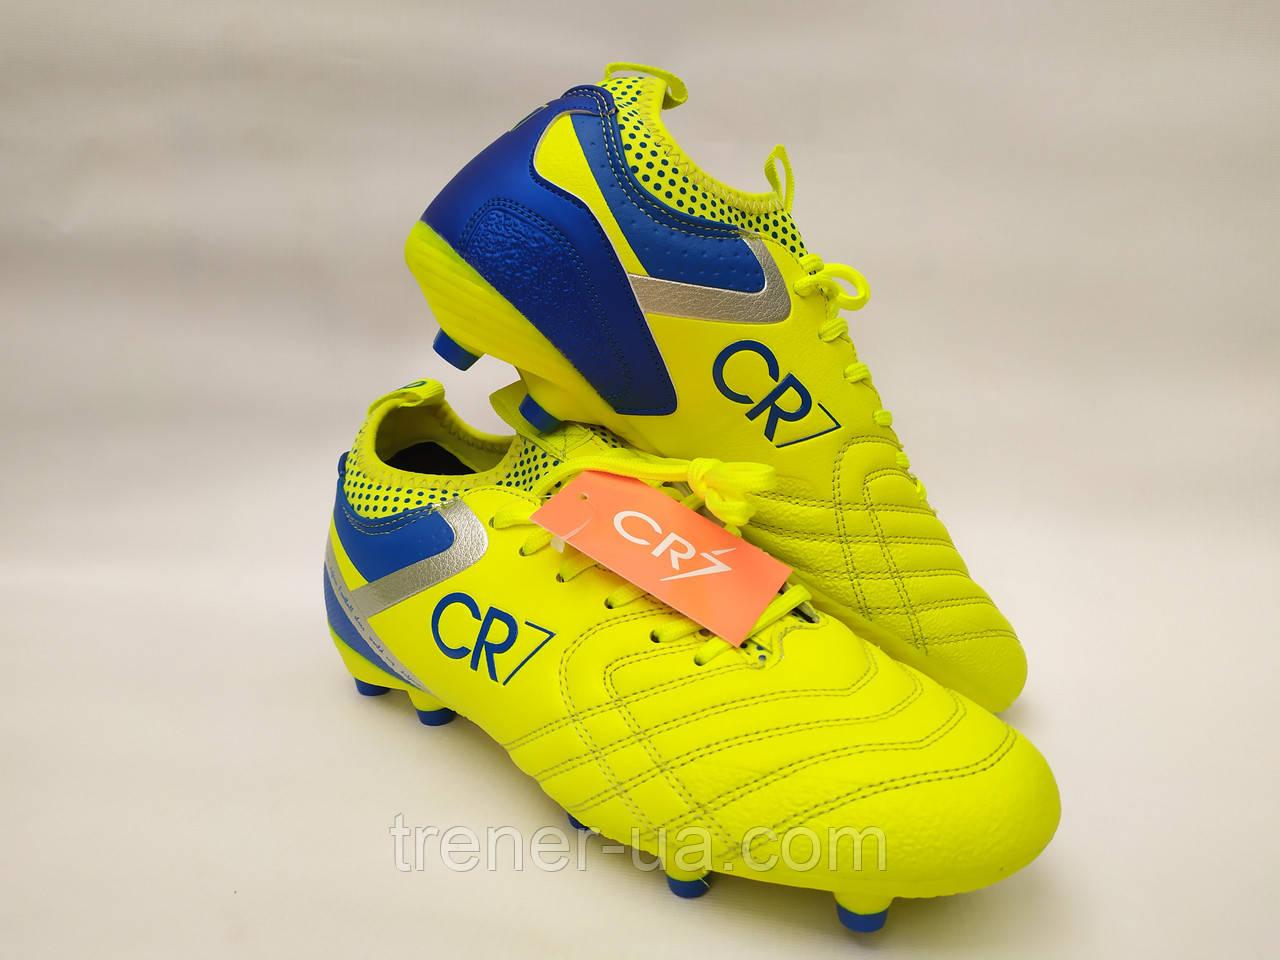 Бутси дорослі лимонні з панчохою/копи розмір 40(25 см)/взуття доросла футбольна/бутси CR7/